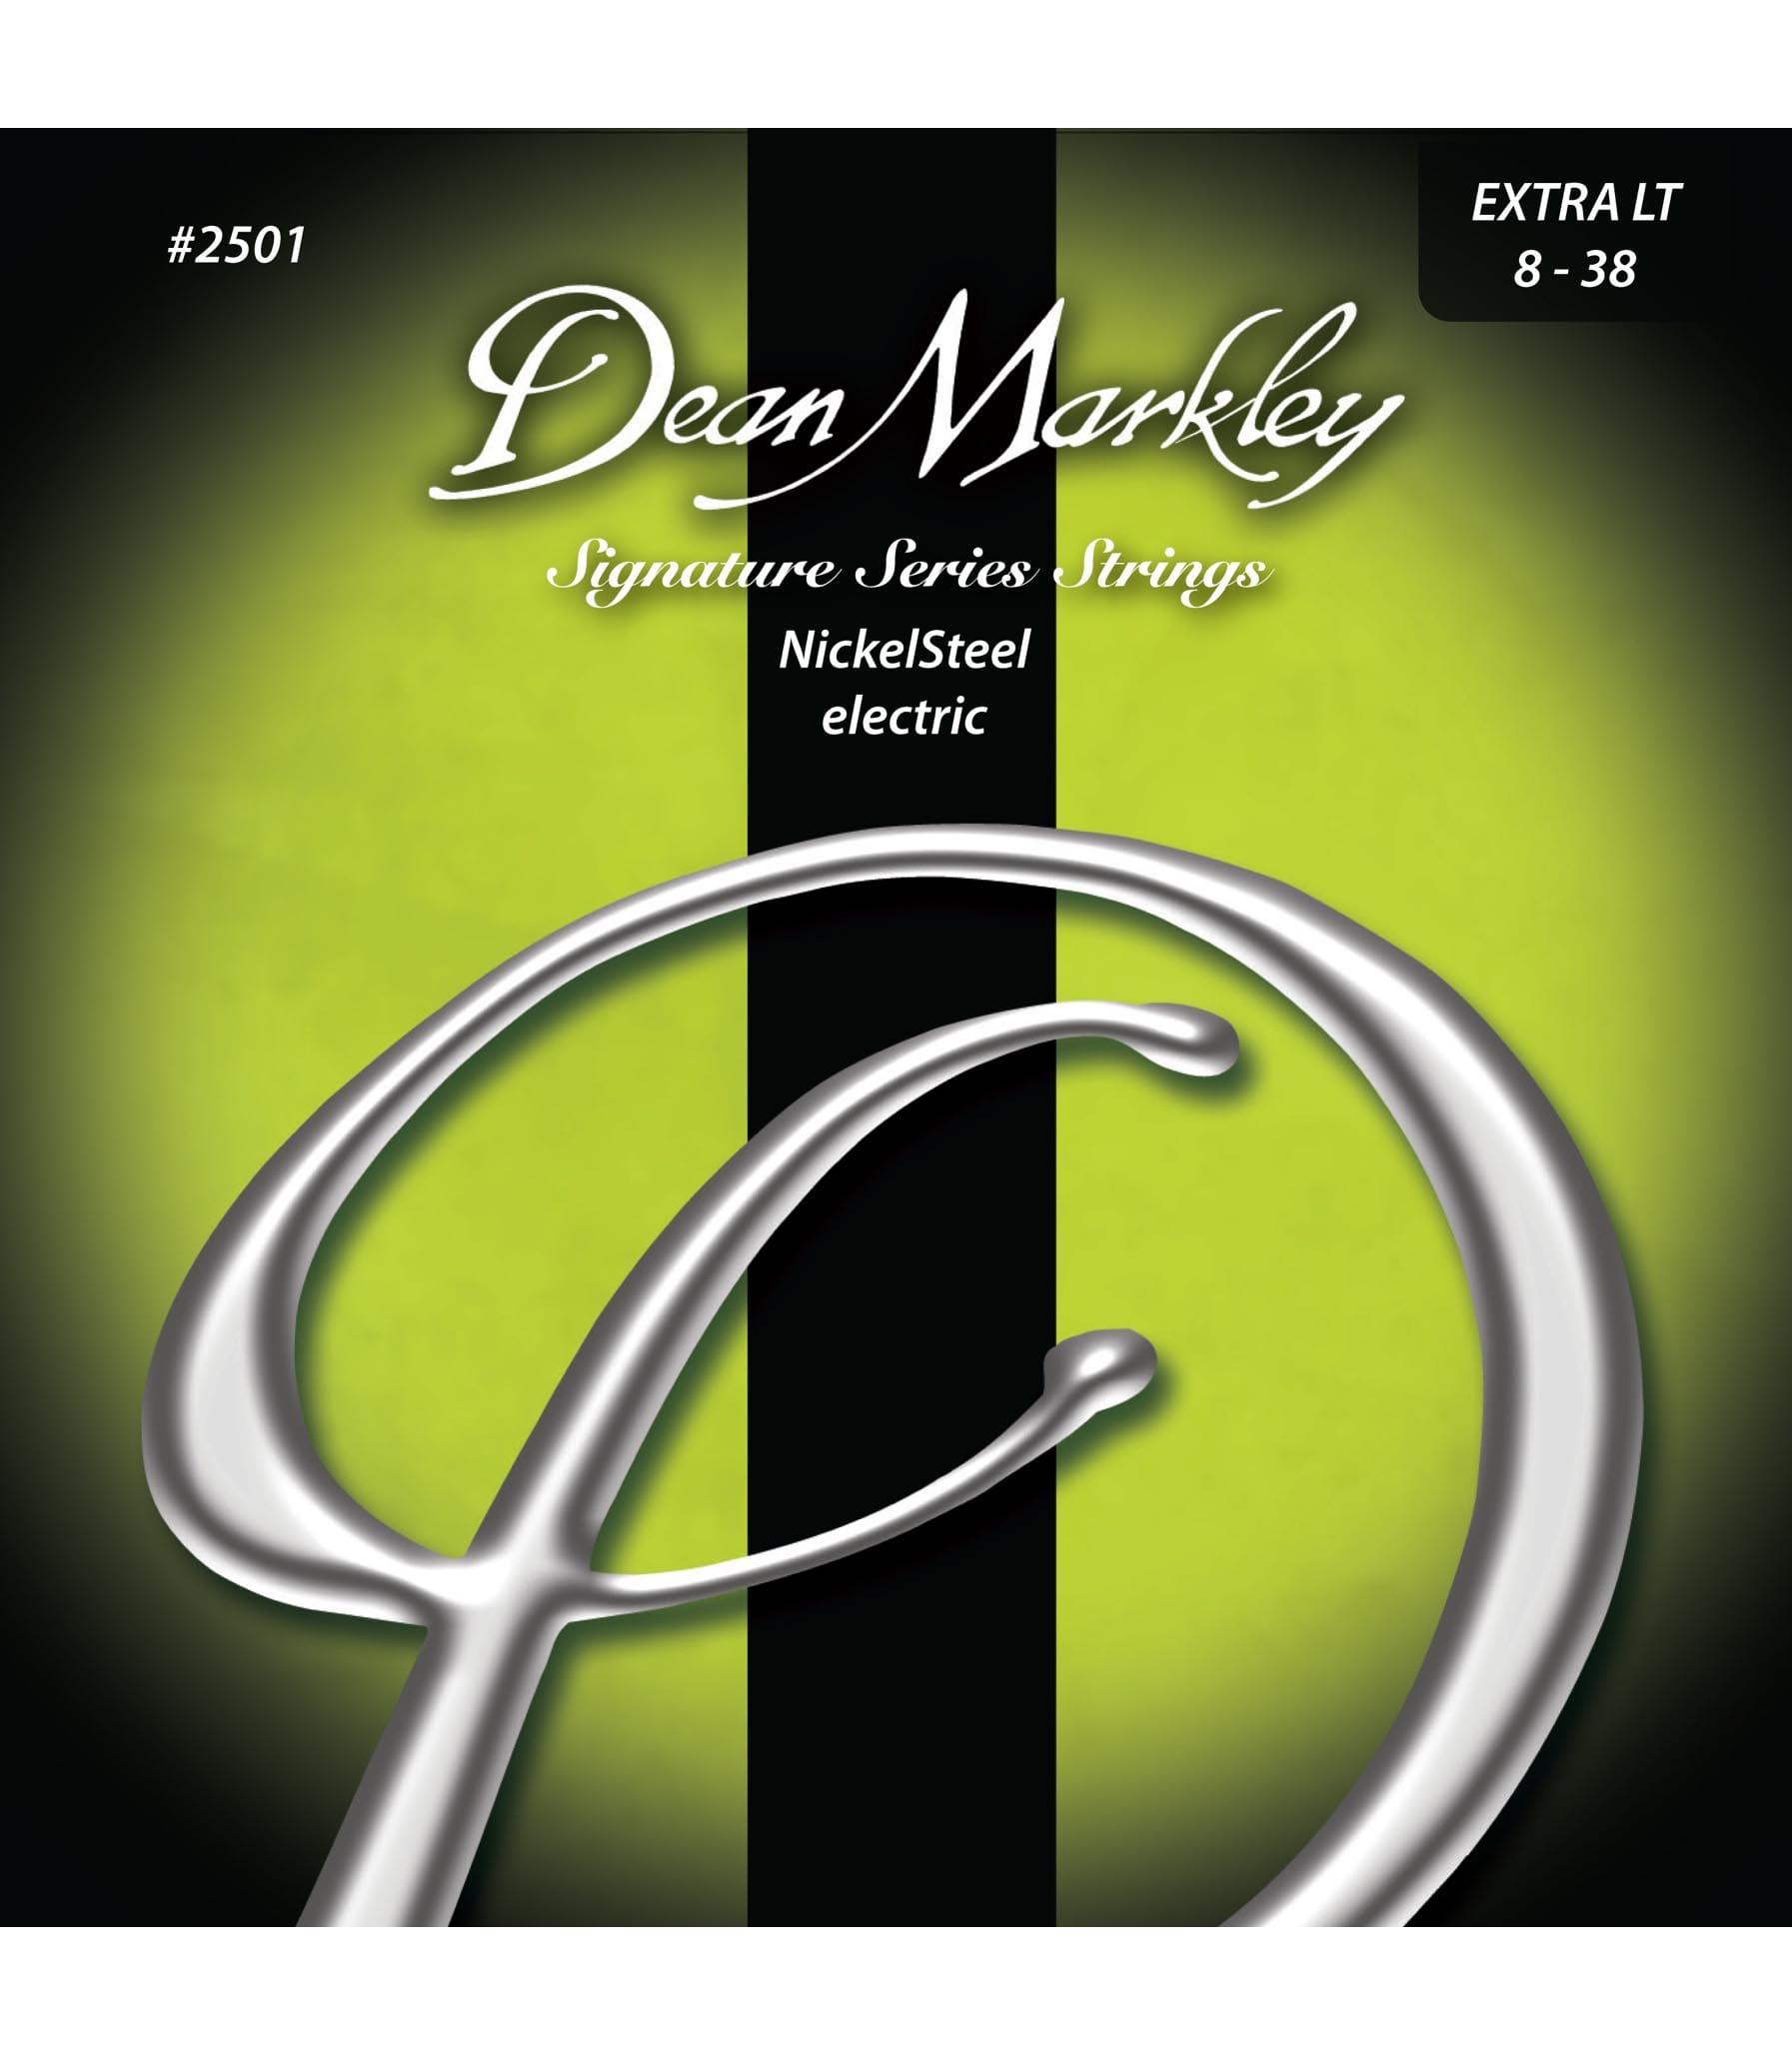 buy deanmarkley 2501extra light 8 38